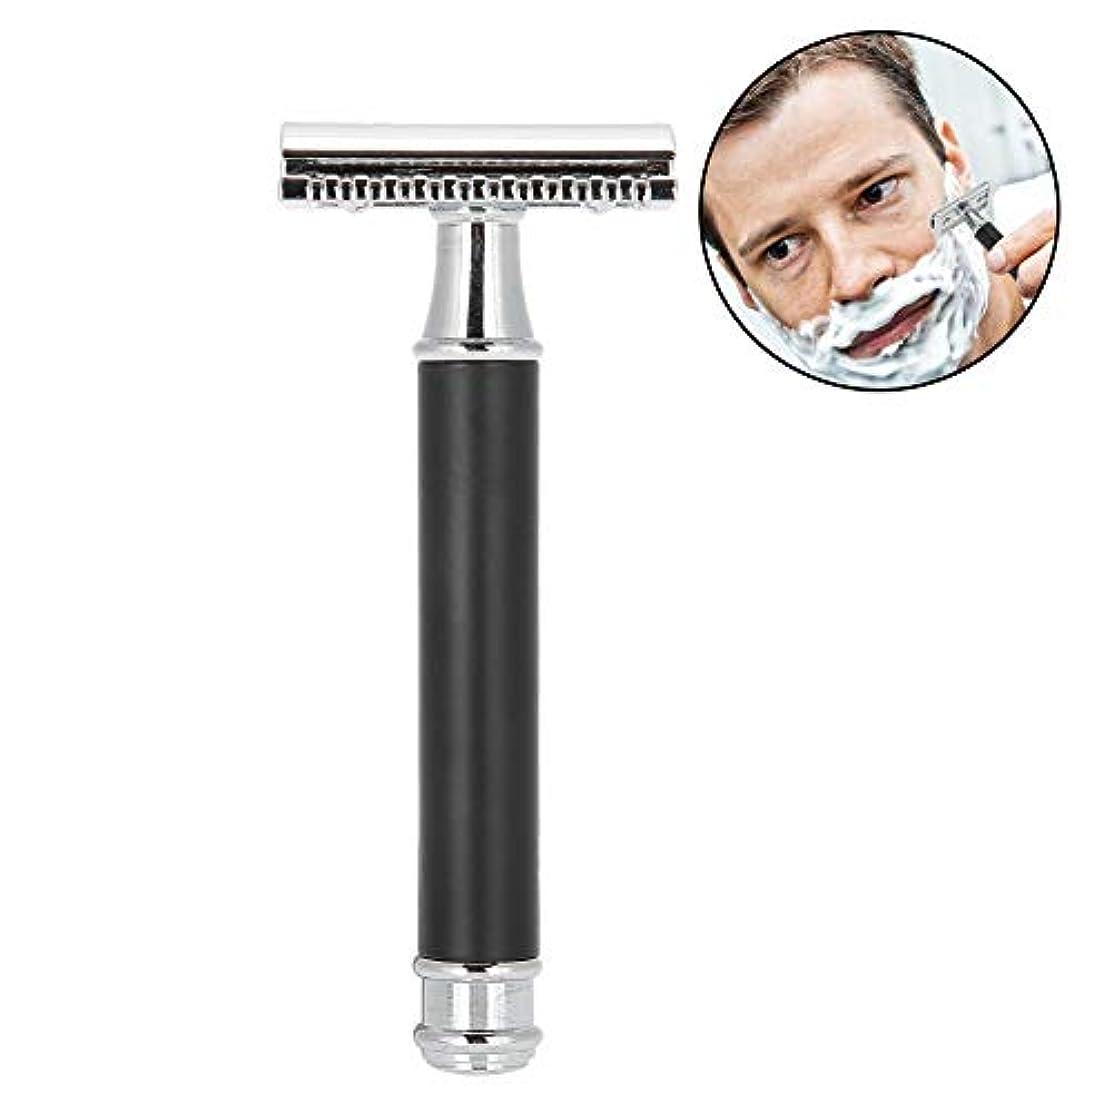 ジャンル途方もない追い払う手動メンズシェーバー 金属クラシックレイザー 両刃カミソリ 安全 防水肌に優しく 使いやすい 快適な剃り